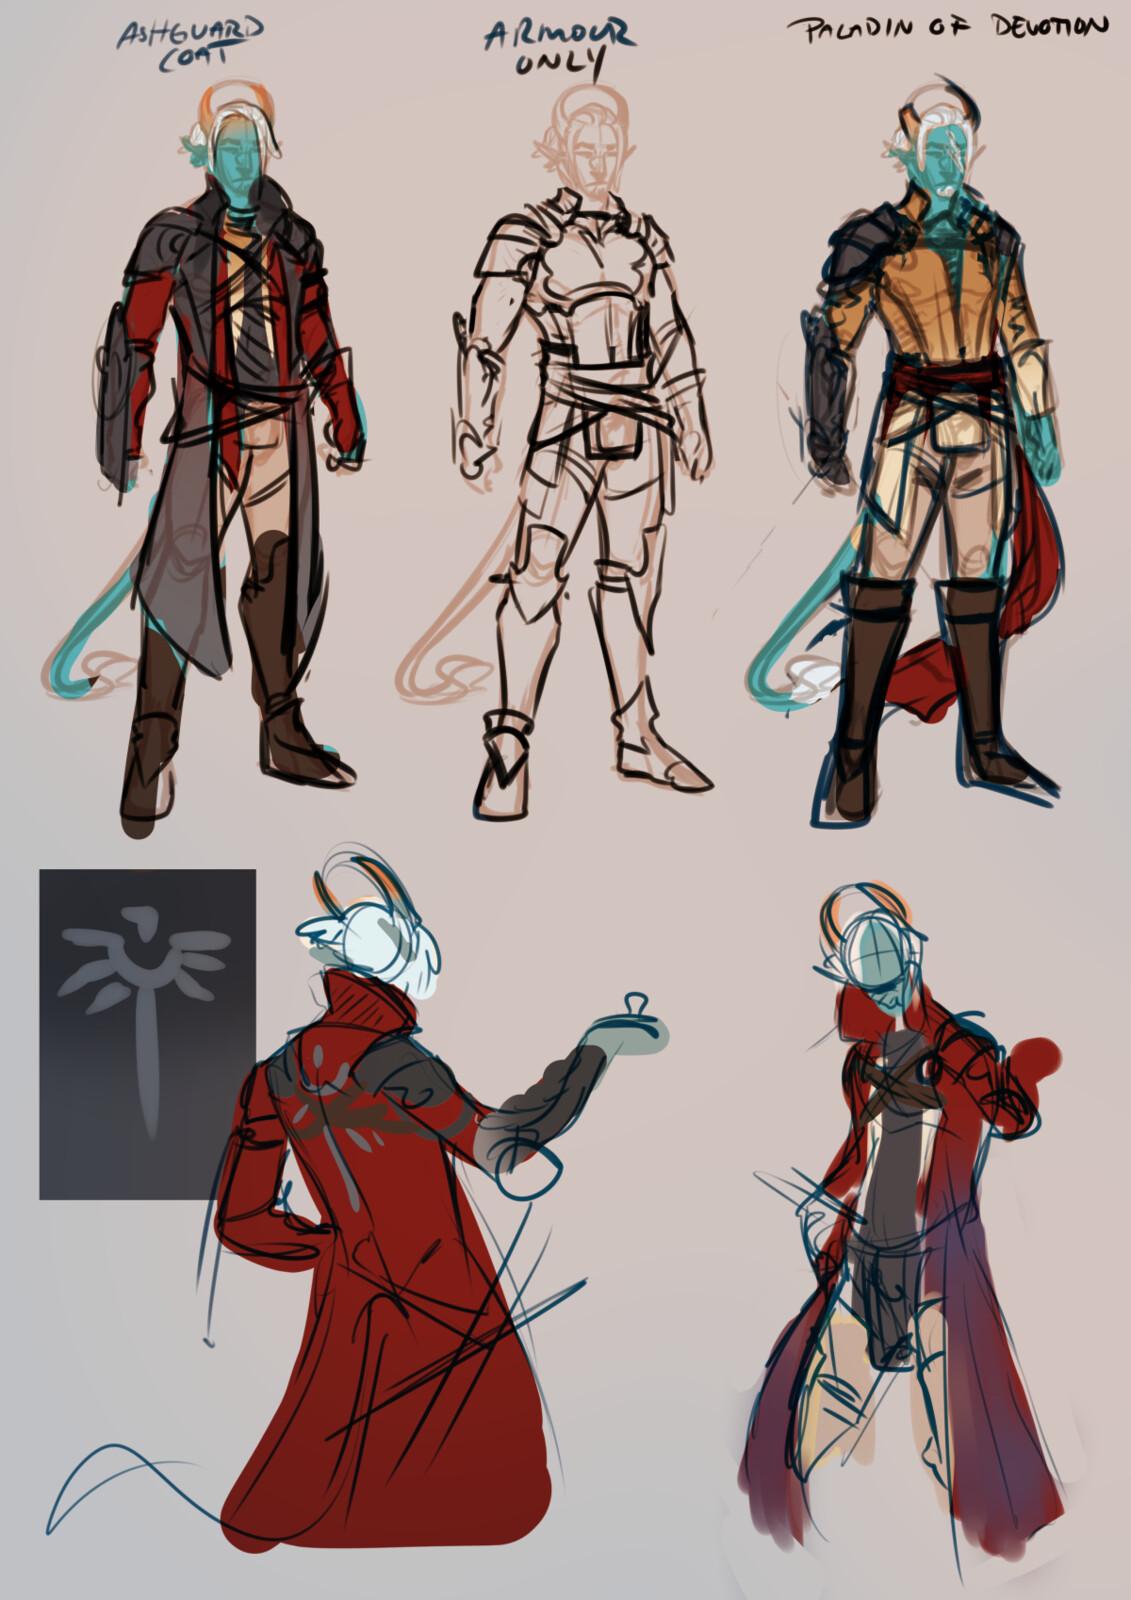 costume design roughs, Zhiram